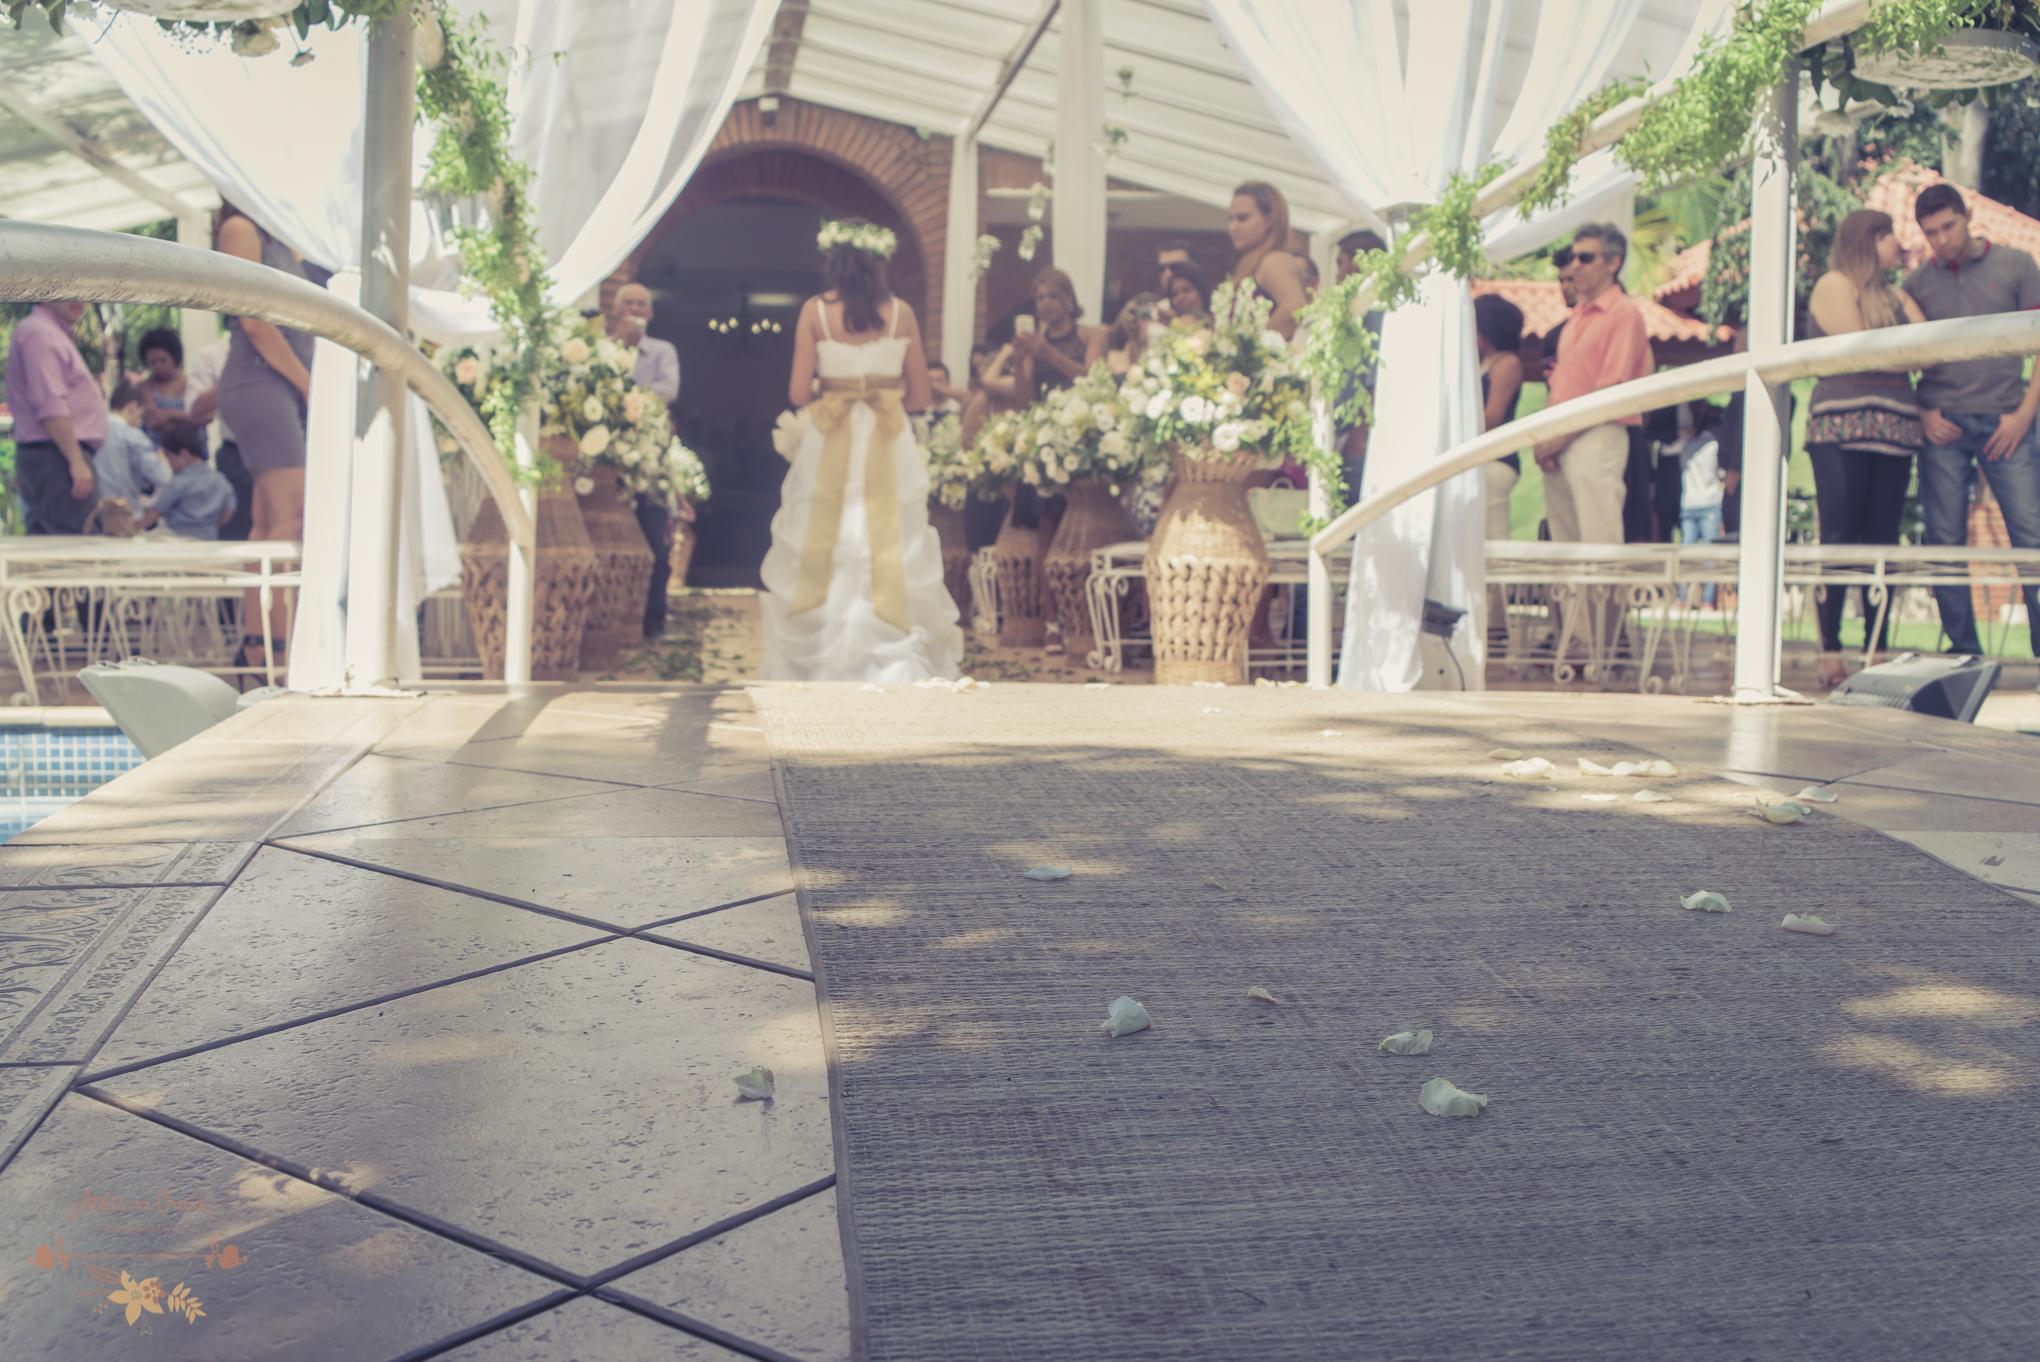 04-Atelie-na-Praia-Casamento-Yasmine-Anderson-4090